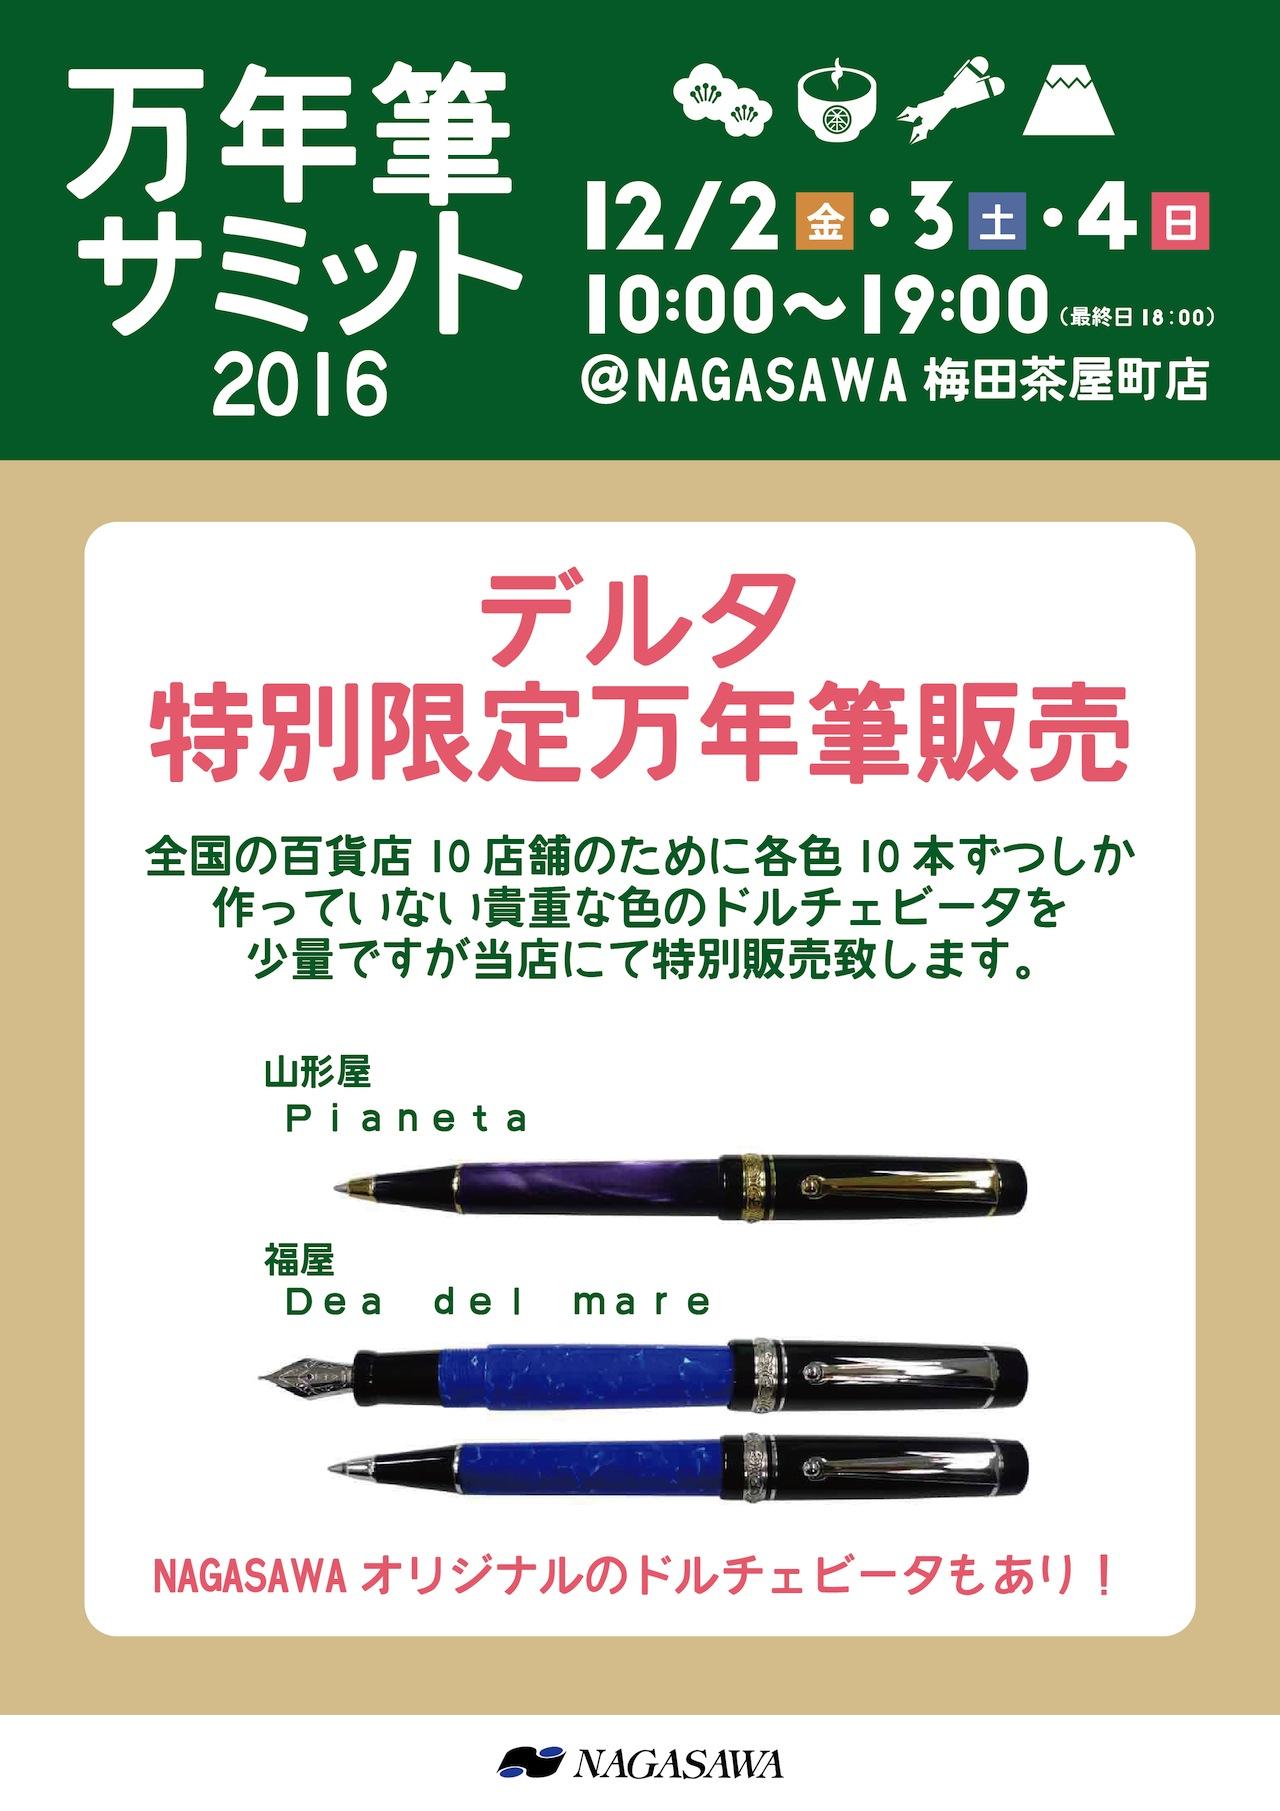 万年筆サミット2016 @NAGASAWA梅田茶屋町店